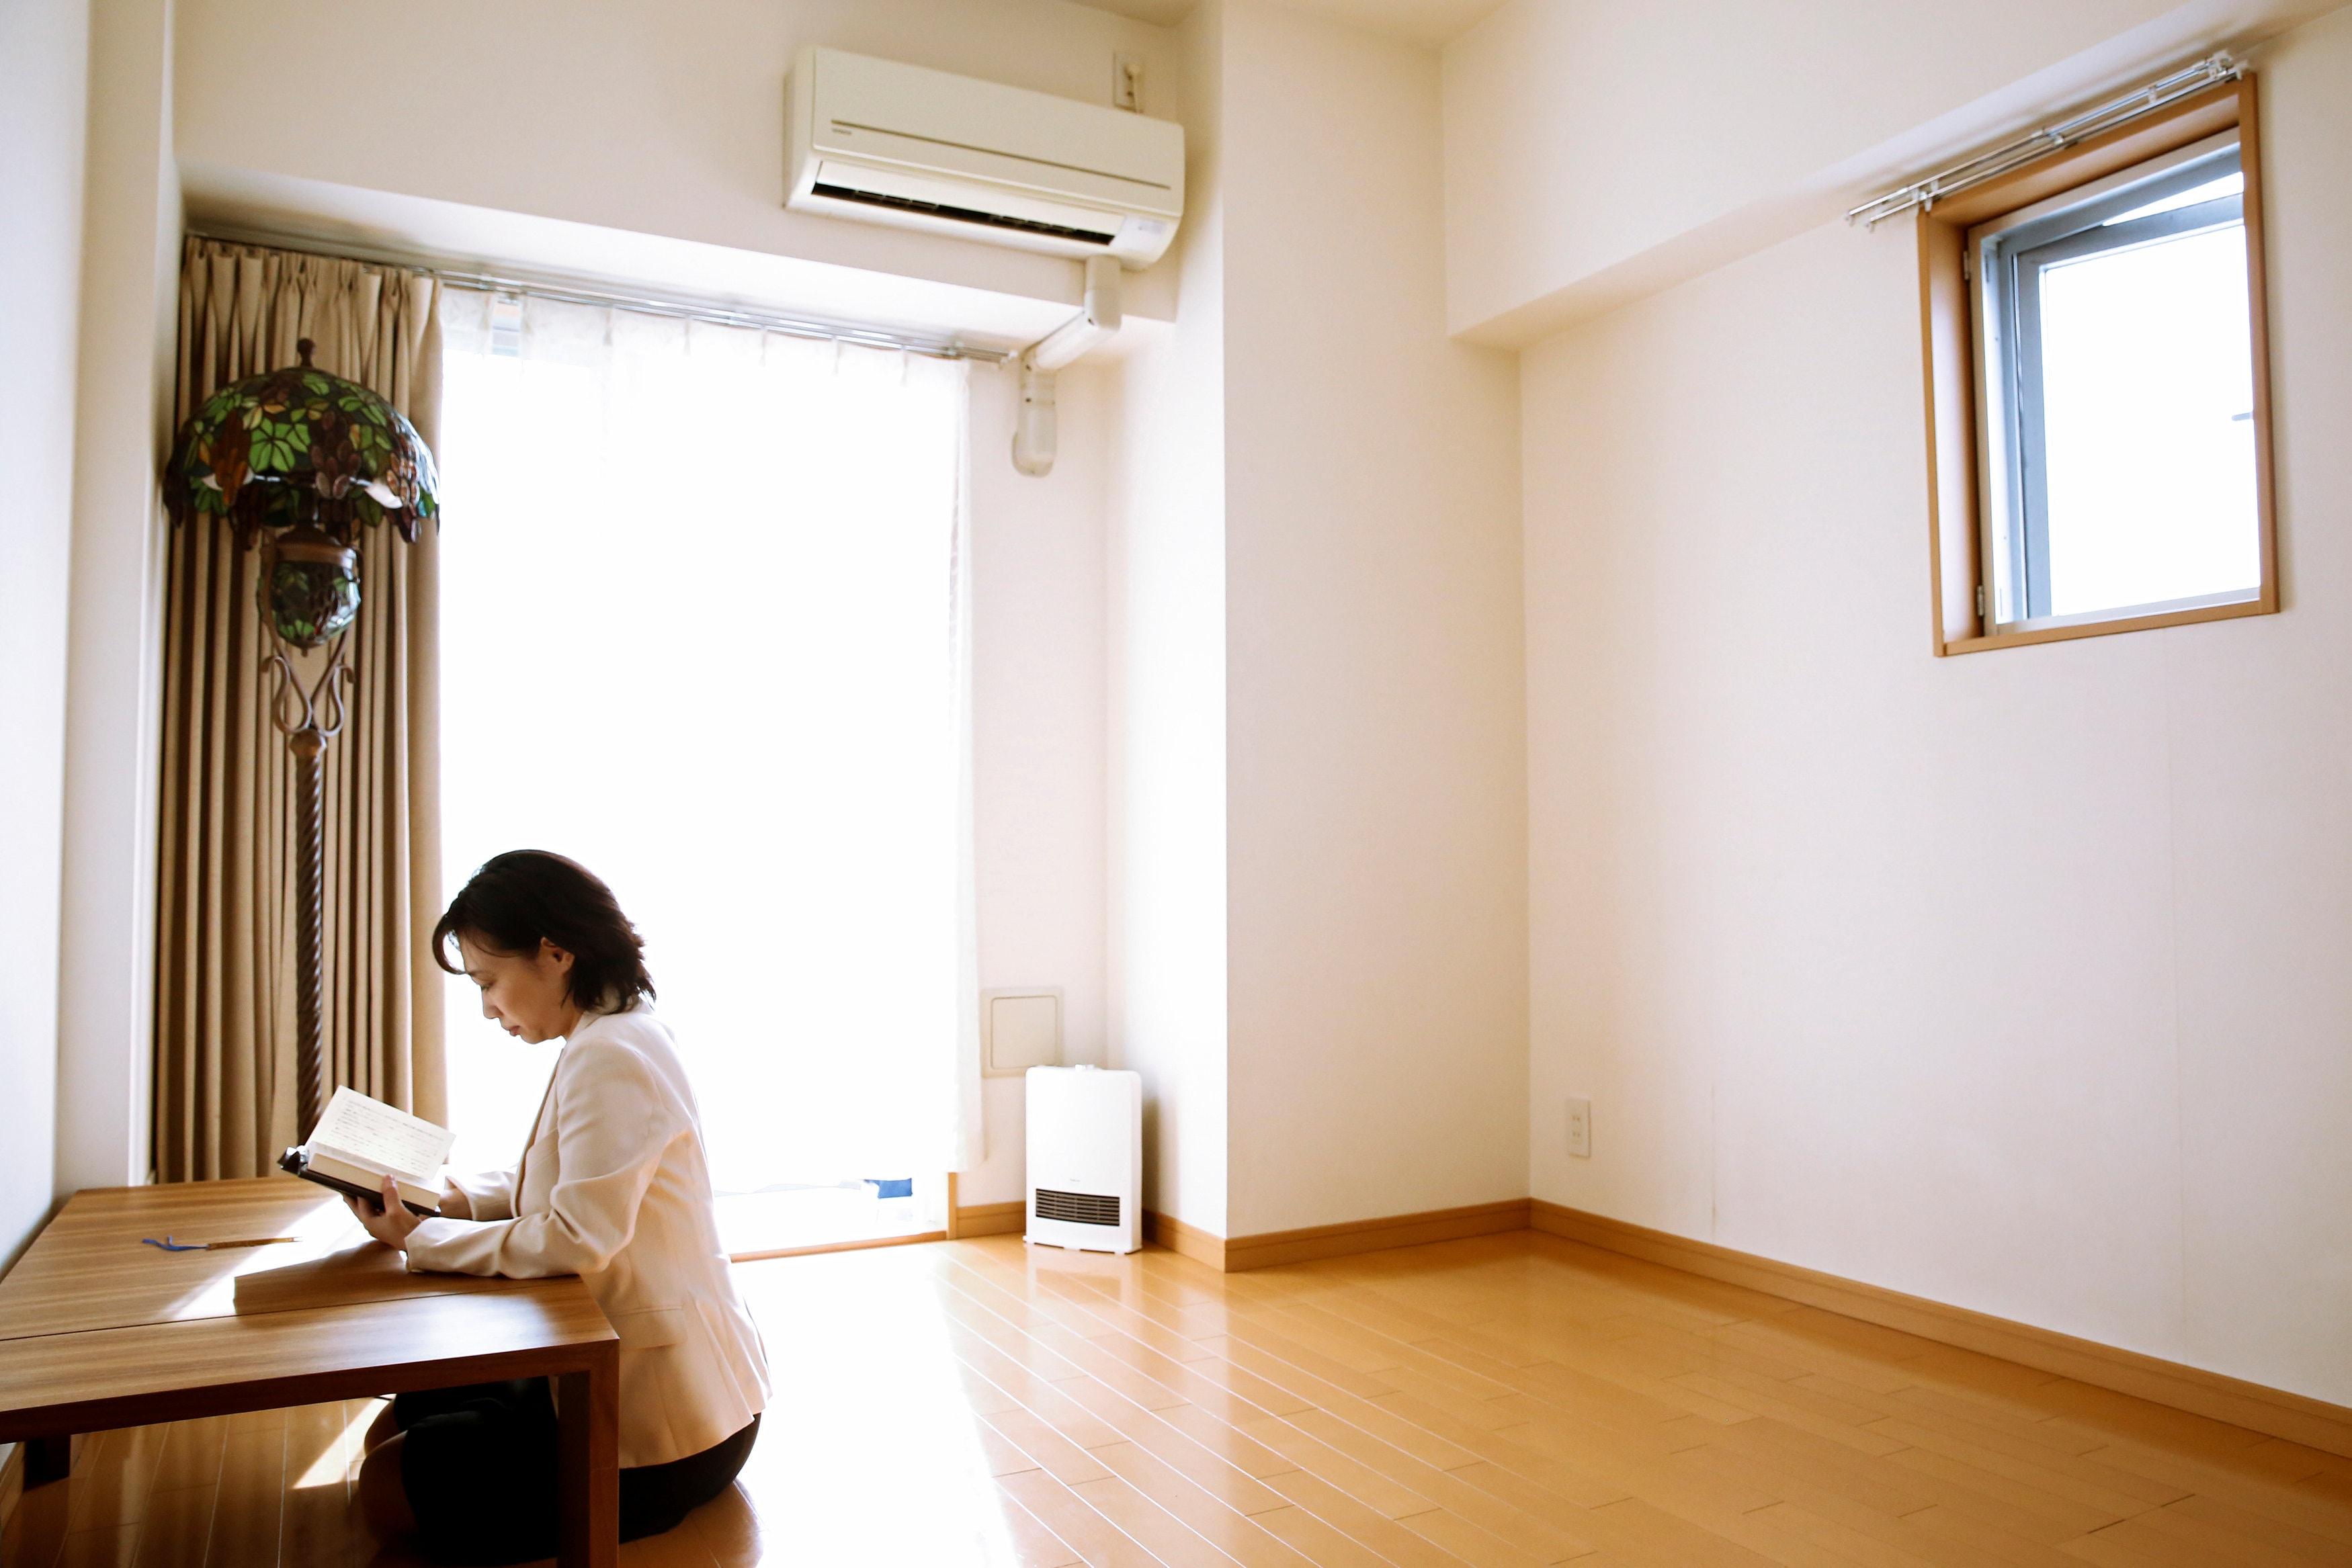 Những cách tiêu tiền cực thông minh của người Nhật khiến cả thế giới phải học theo - Ảnh 3.